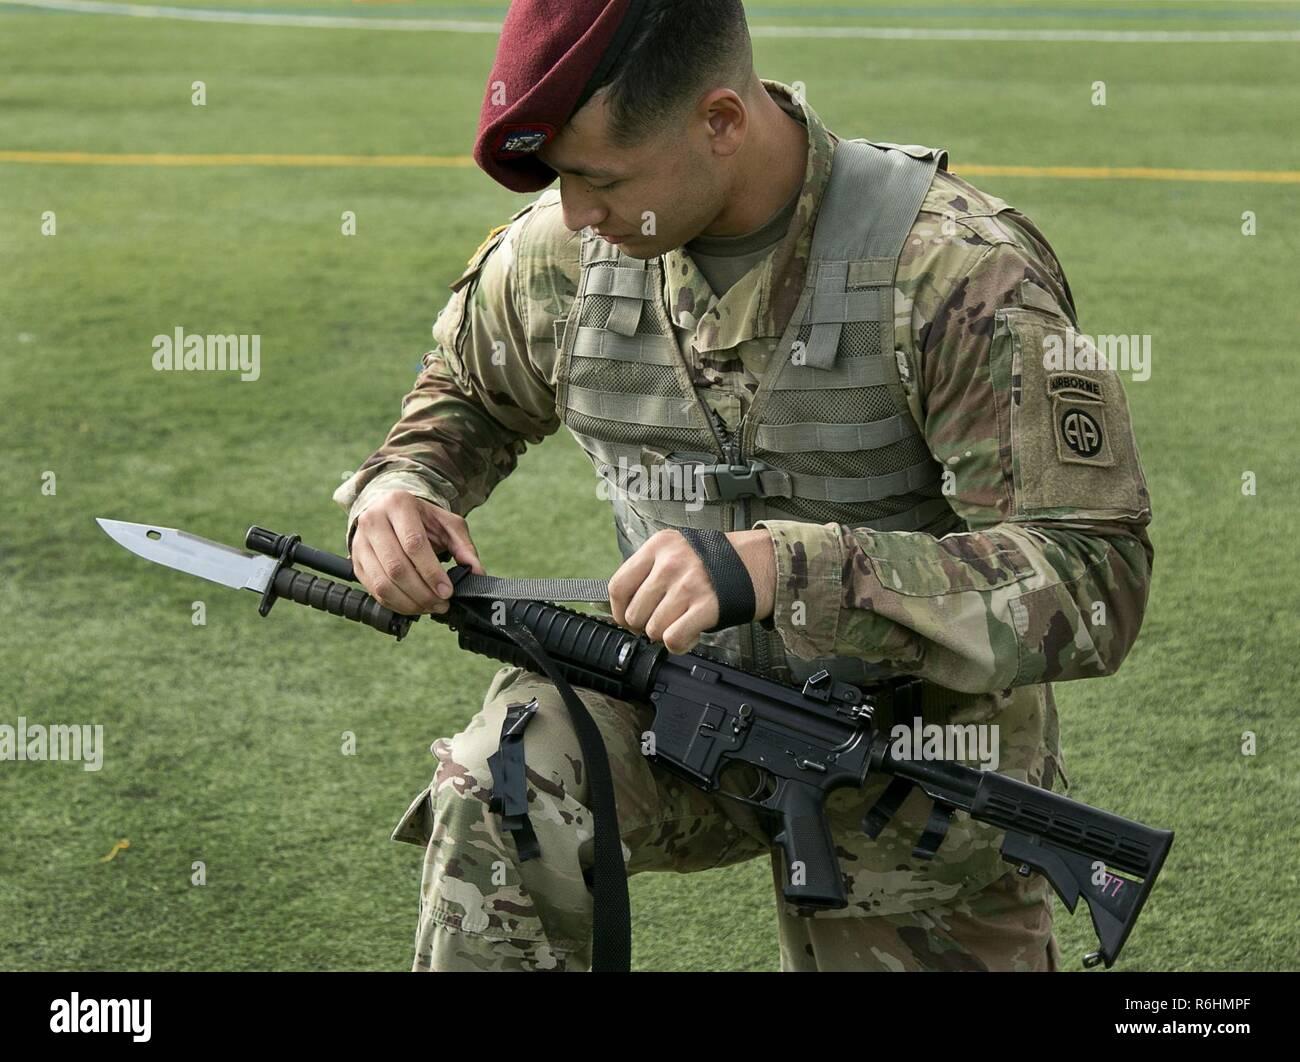 Un parachutiste prépare son arme pour l'inspection pendant la semaine américaine garde toutes les couleurs sur la concurrence Fort Bragg, N.C., 18 mai 2017. Le concours est tenu pour voir qui va gagner la chance de se produire que la couleur garde pendant les événements de la célébration de la semaine All American. Banque D'Images